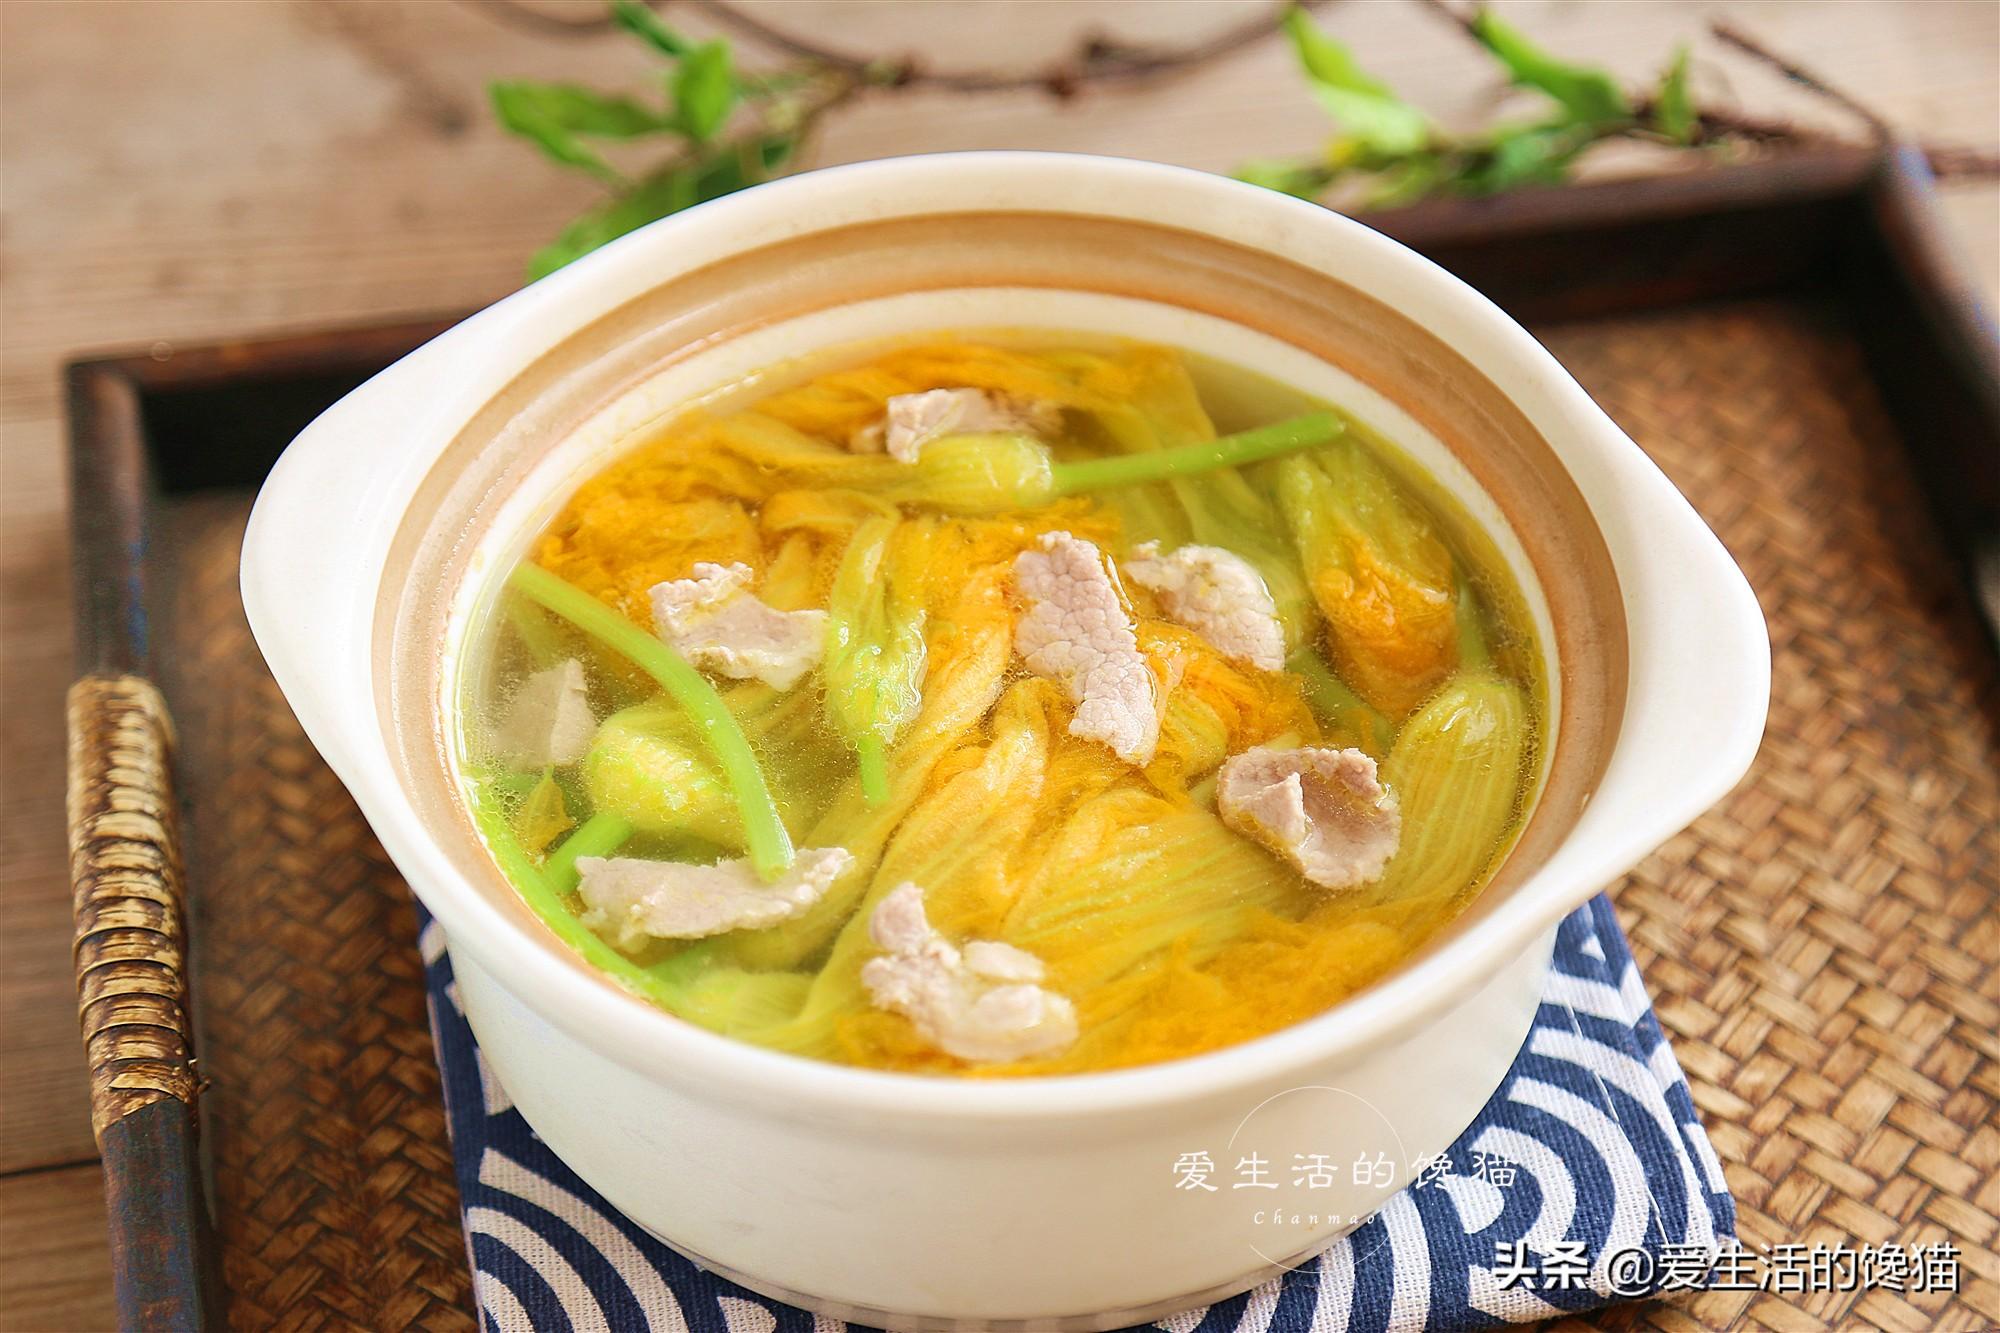 天氣越來越熱,雞湯魚湯不如這湯,清甜好喝,很開胃,10分鐘做好